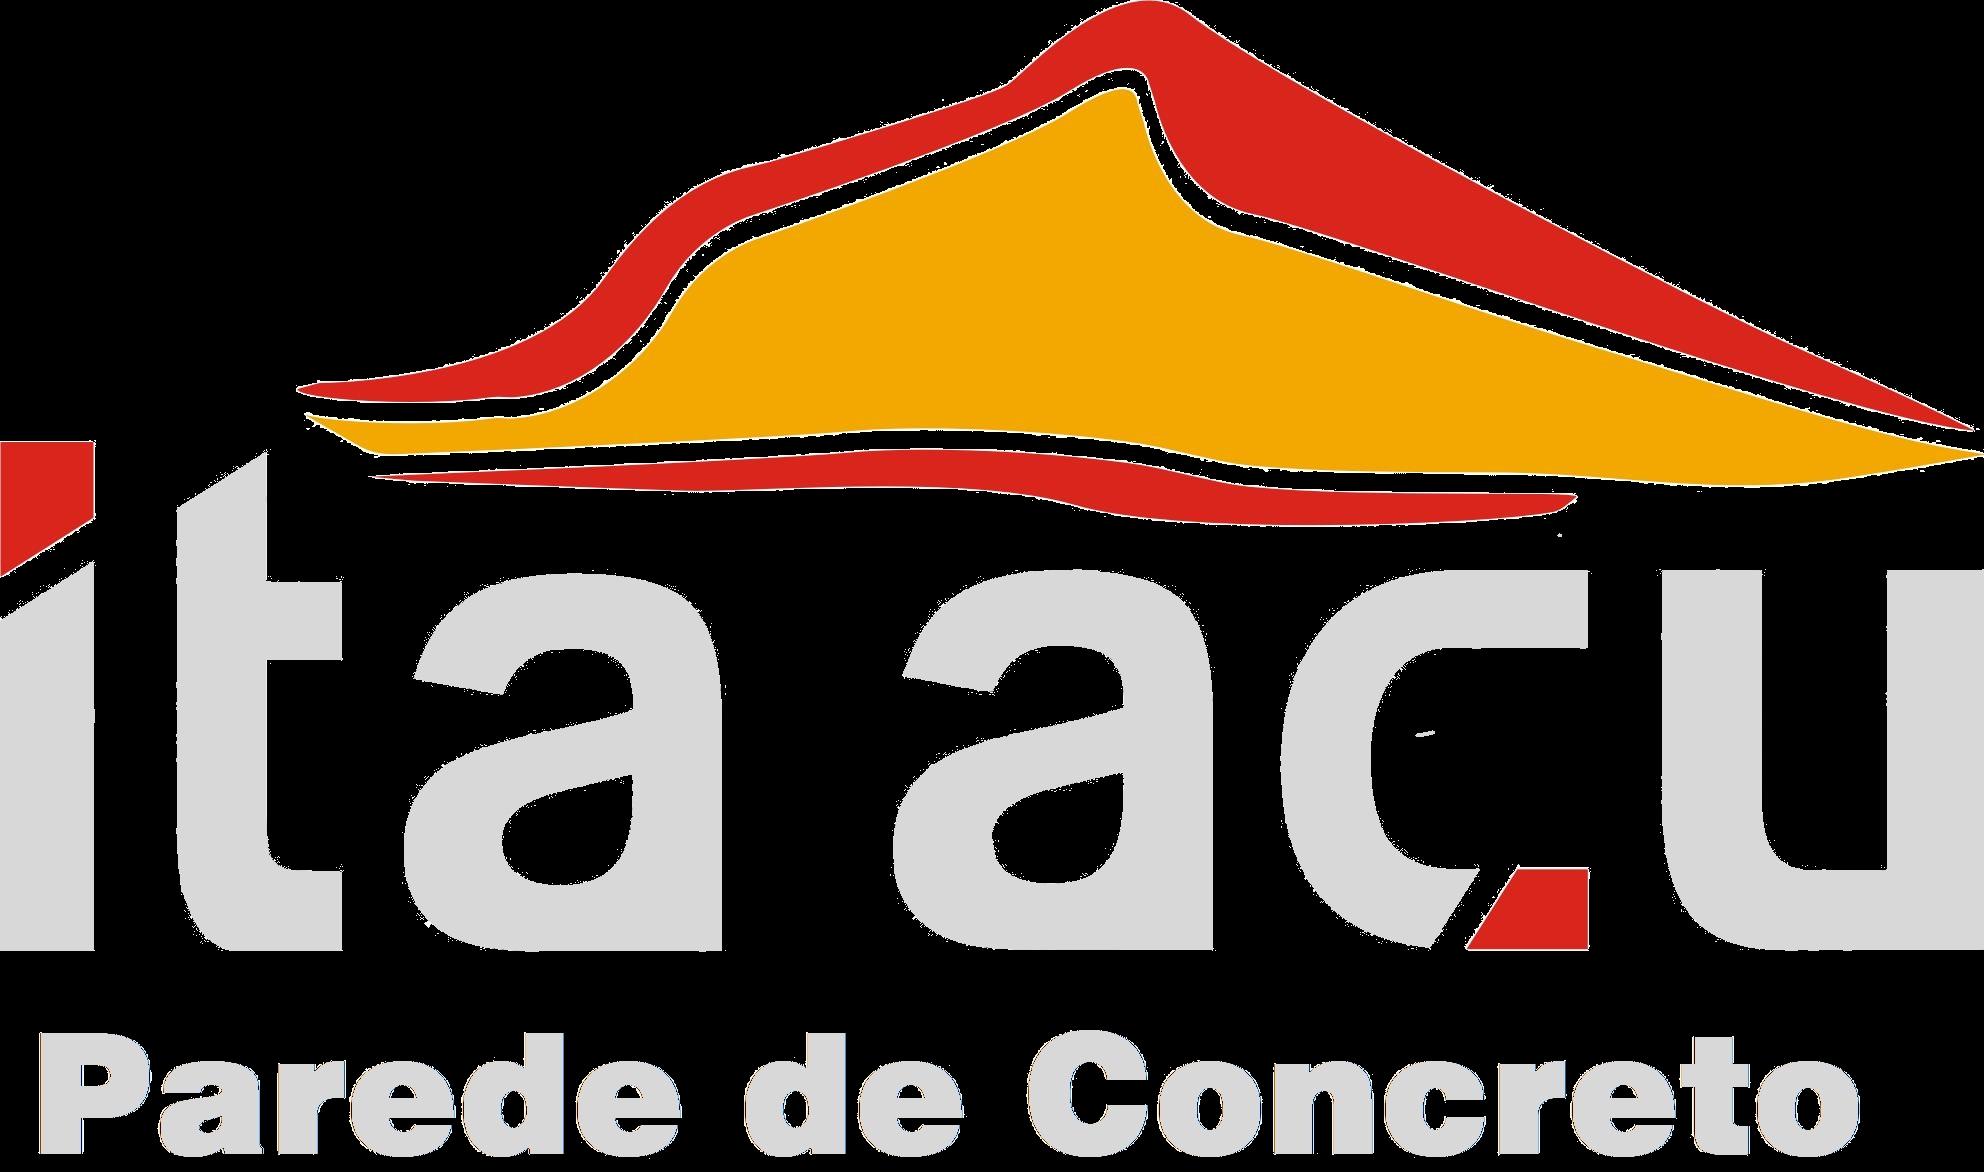 Ita_A_u_parede_de_concretoGrande_blanco_gelo_transparent__1_.png